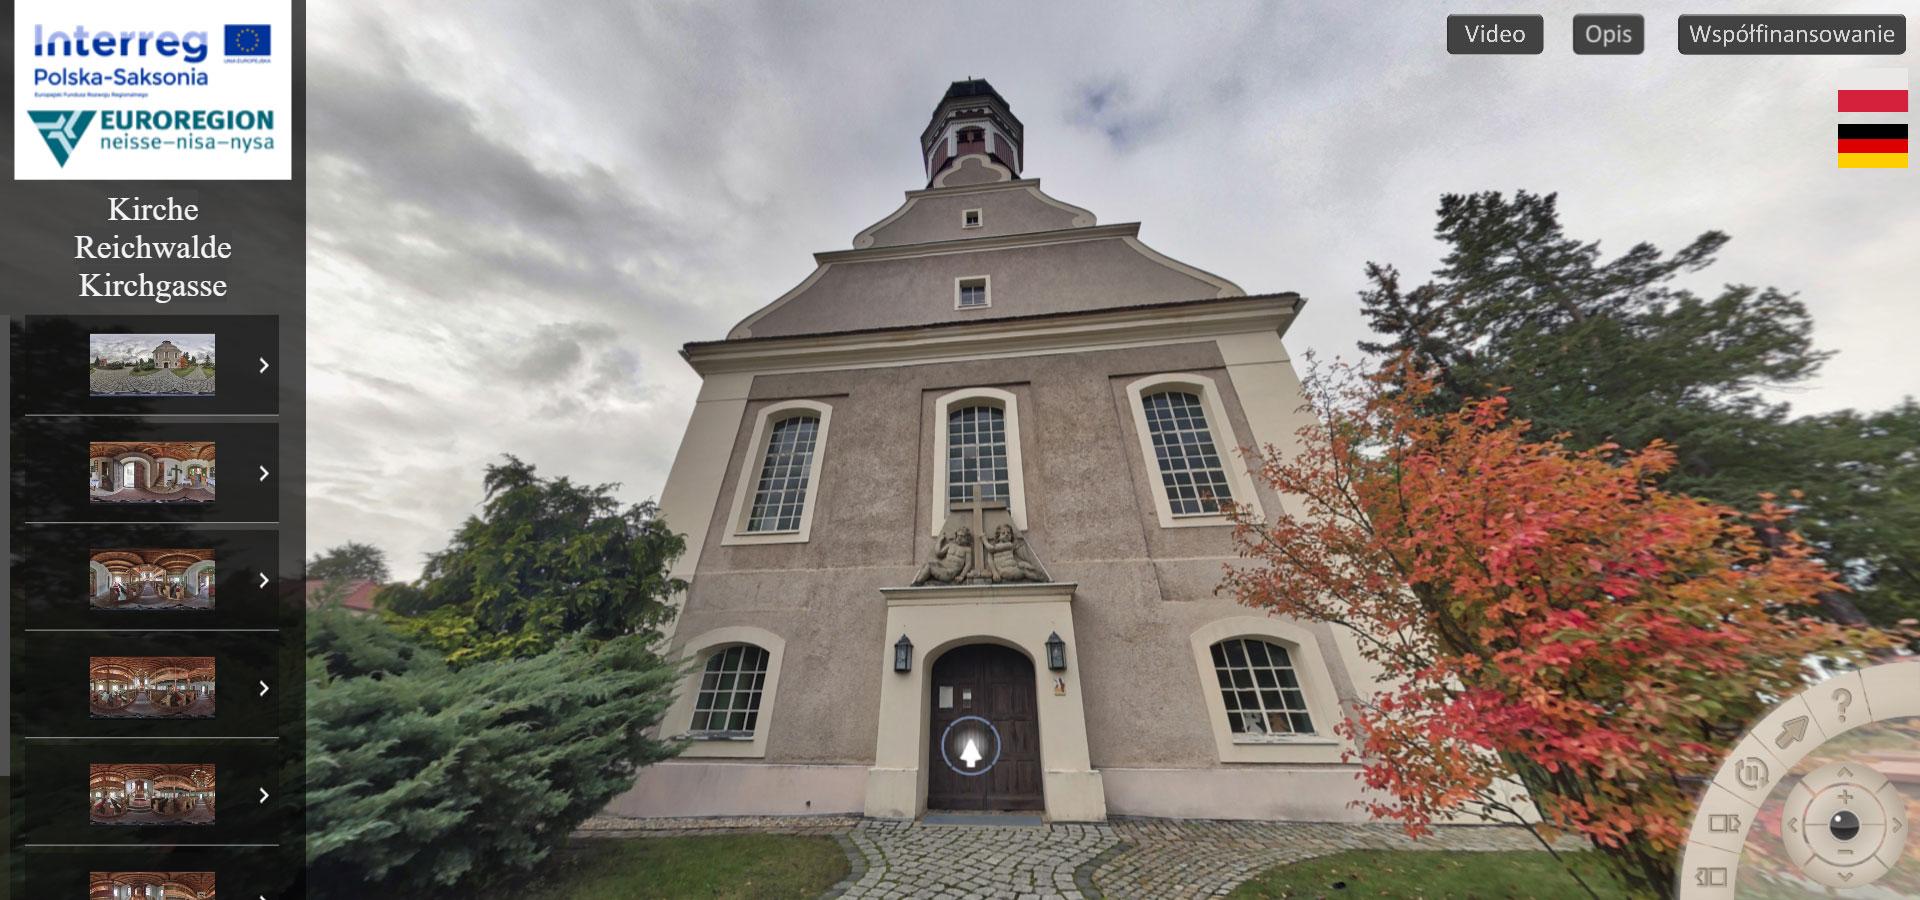 Reichwalde-Kirchgasse